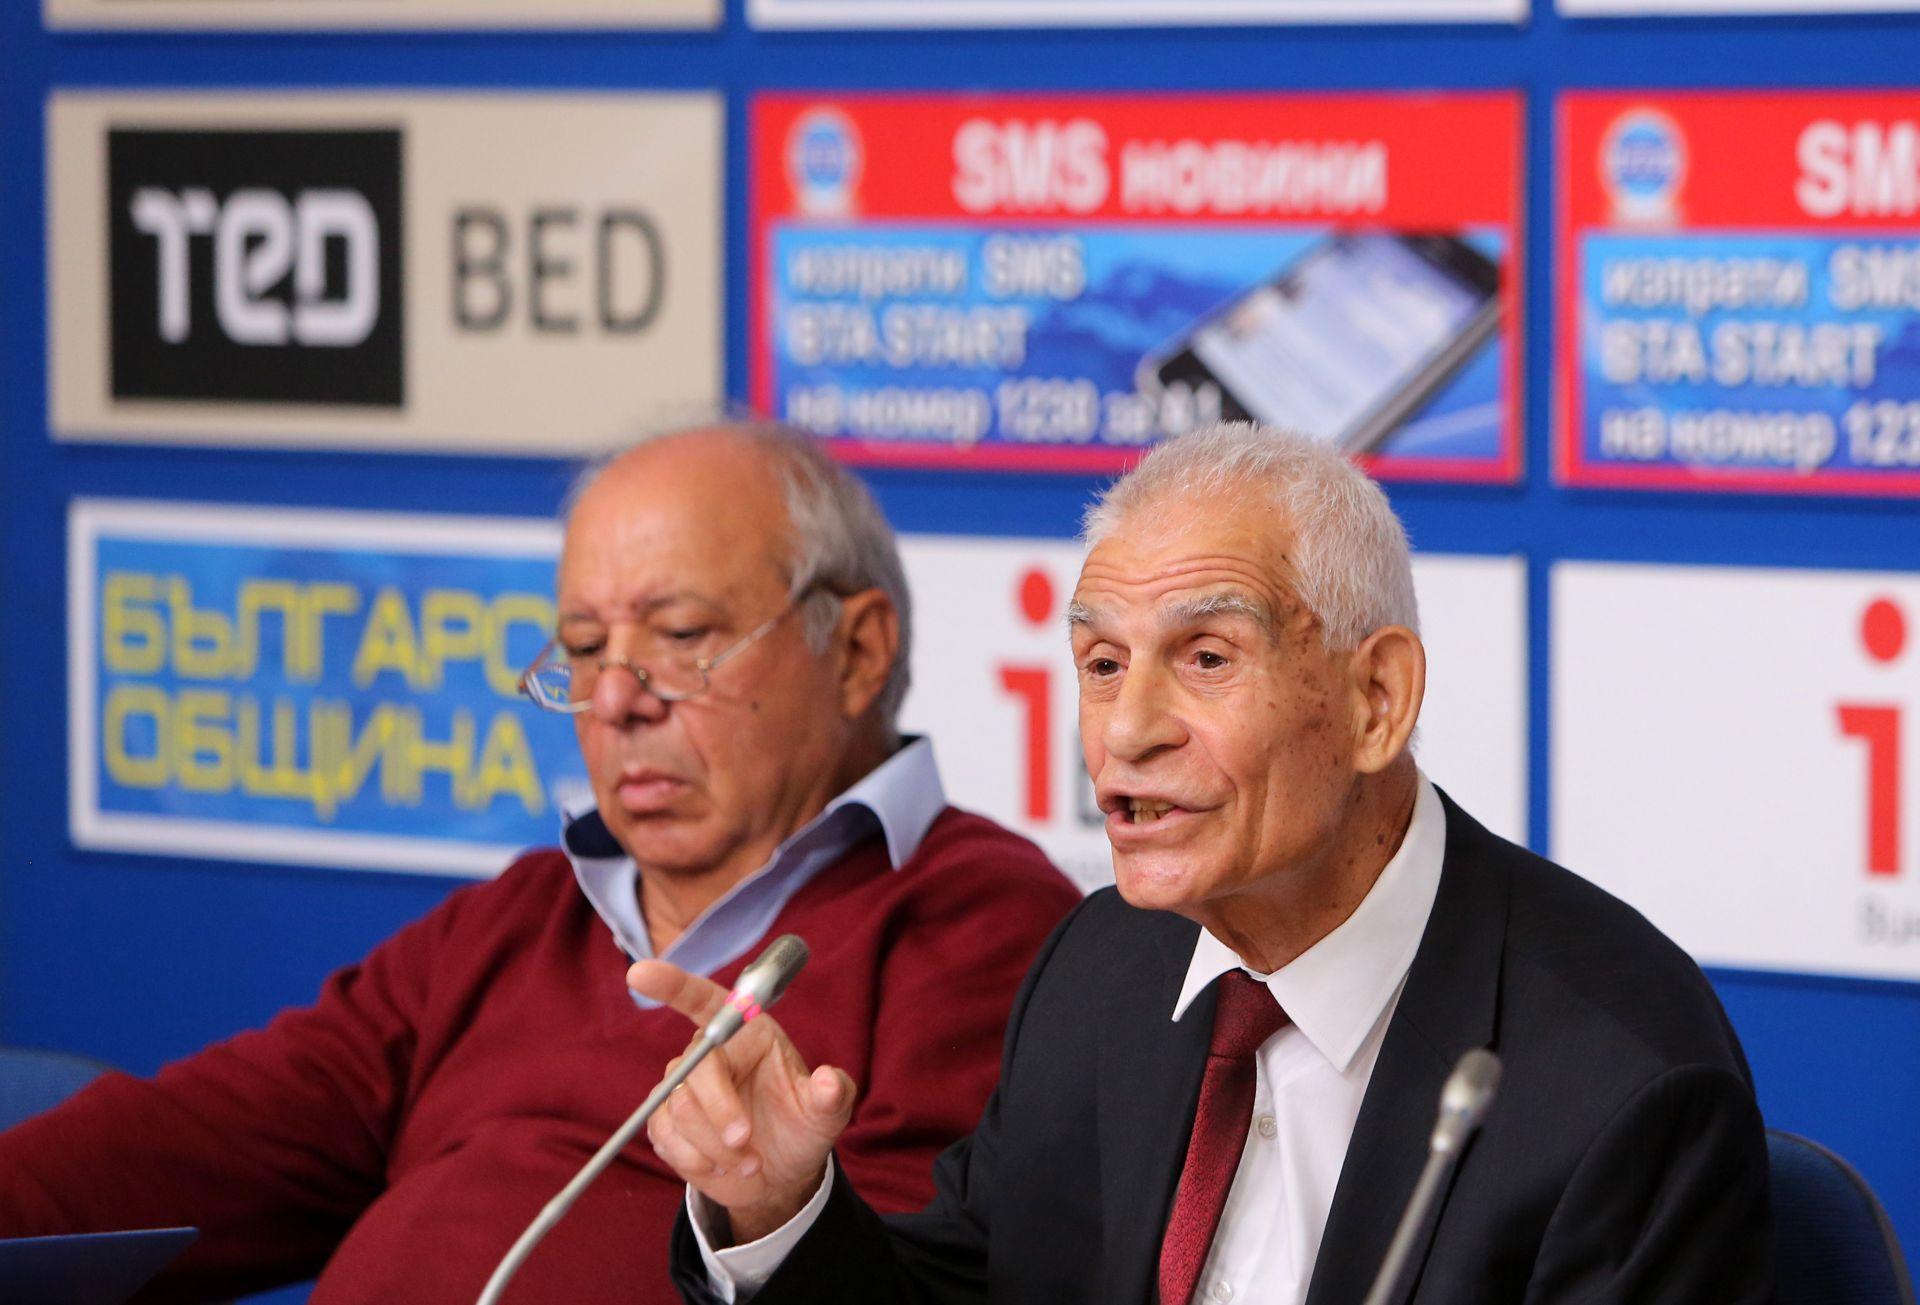 """Проф. д.ик.н. Ангел Димов (вдясно)- председател на Социалистическа партия """"Български път"""" и на Сдружение БИСЕР, проф. д-р Нено Димов (вляво) - зам.-председател на партията"""